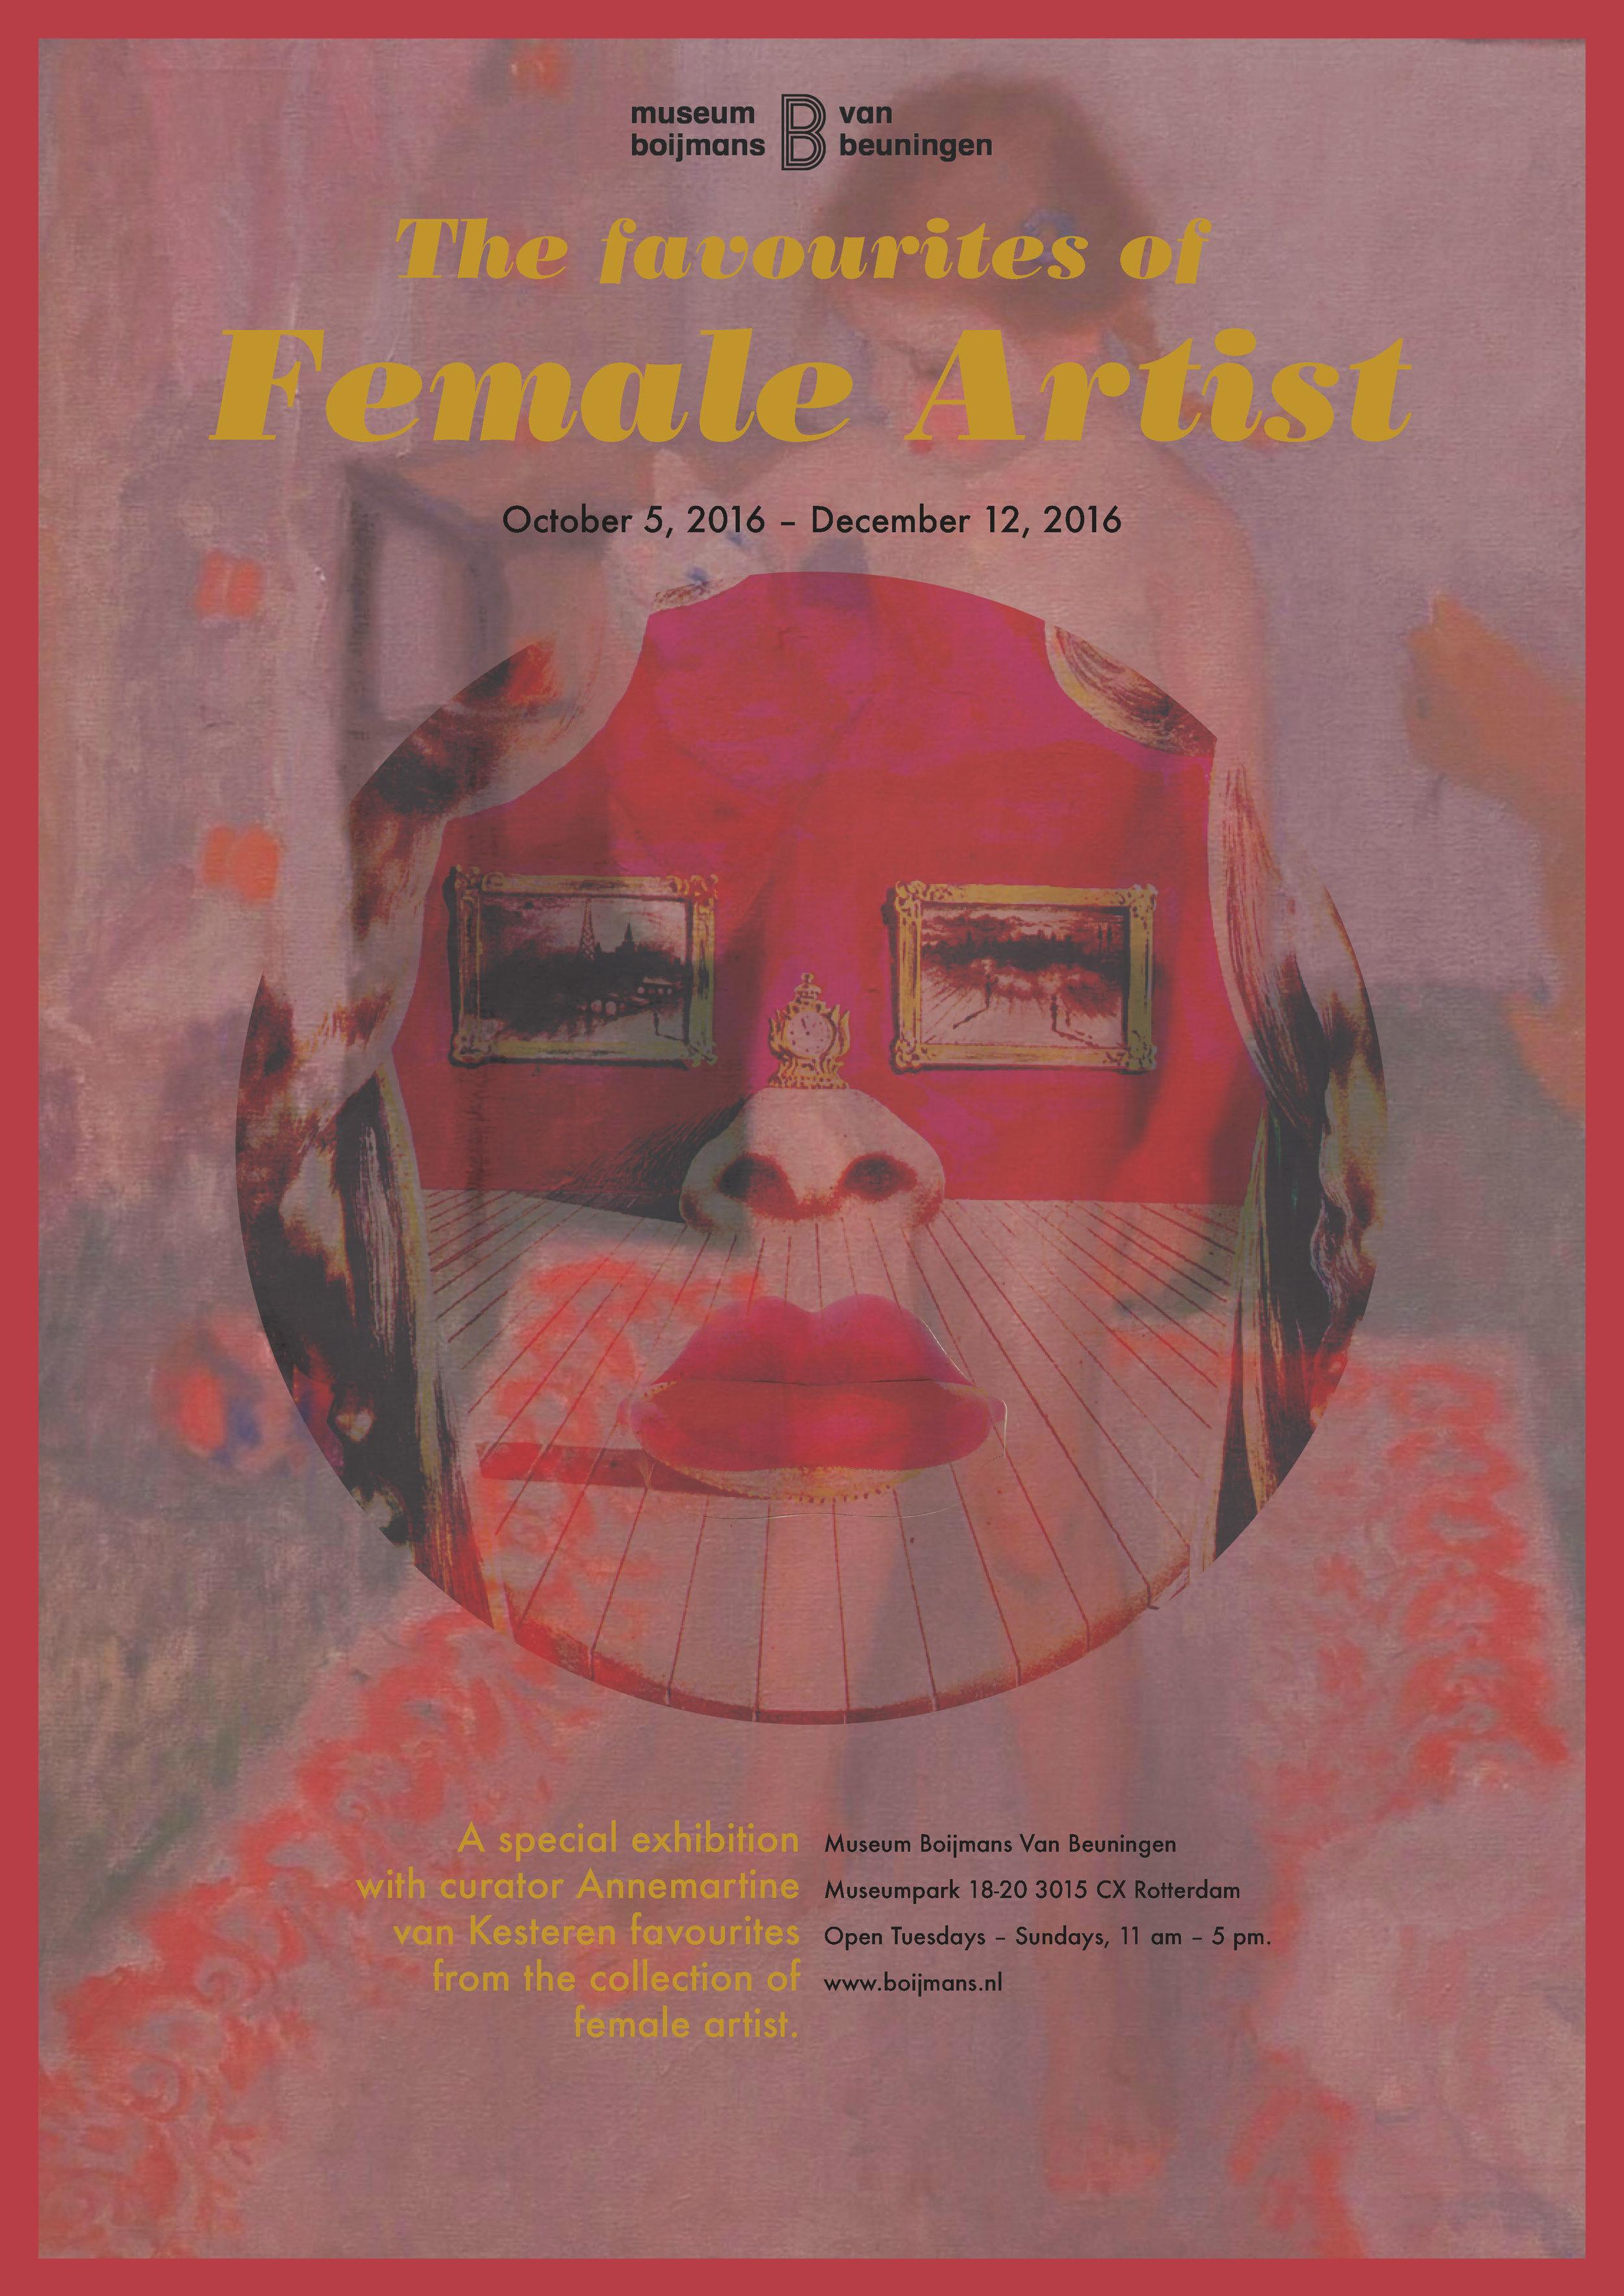 favourites of female artist poster.jpg